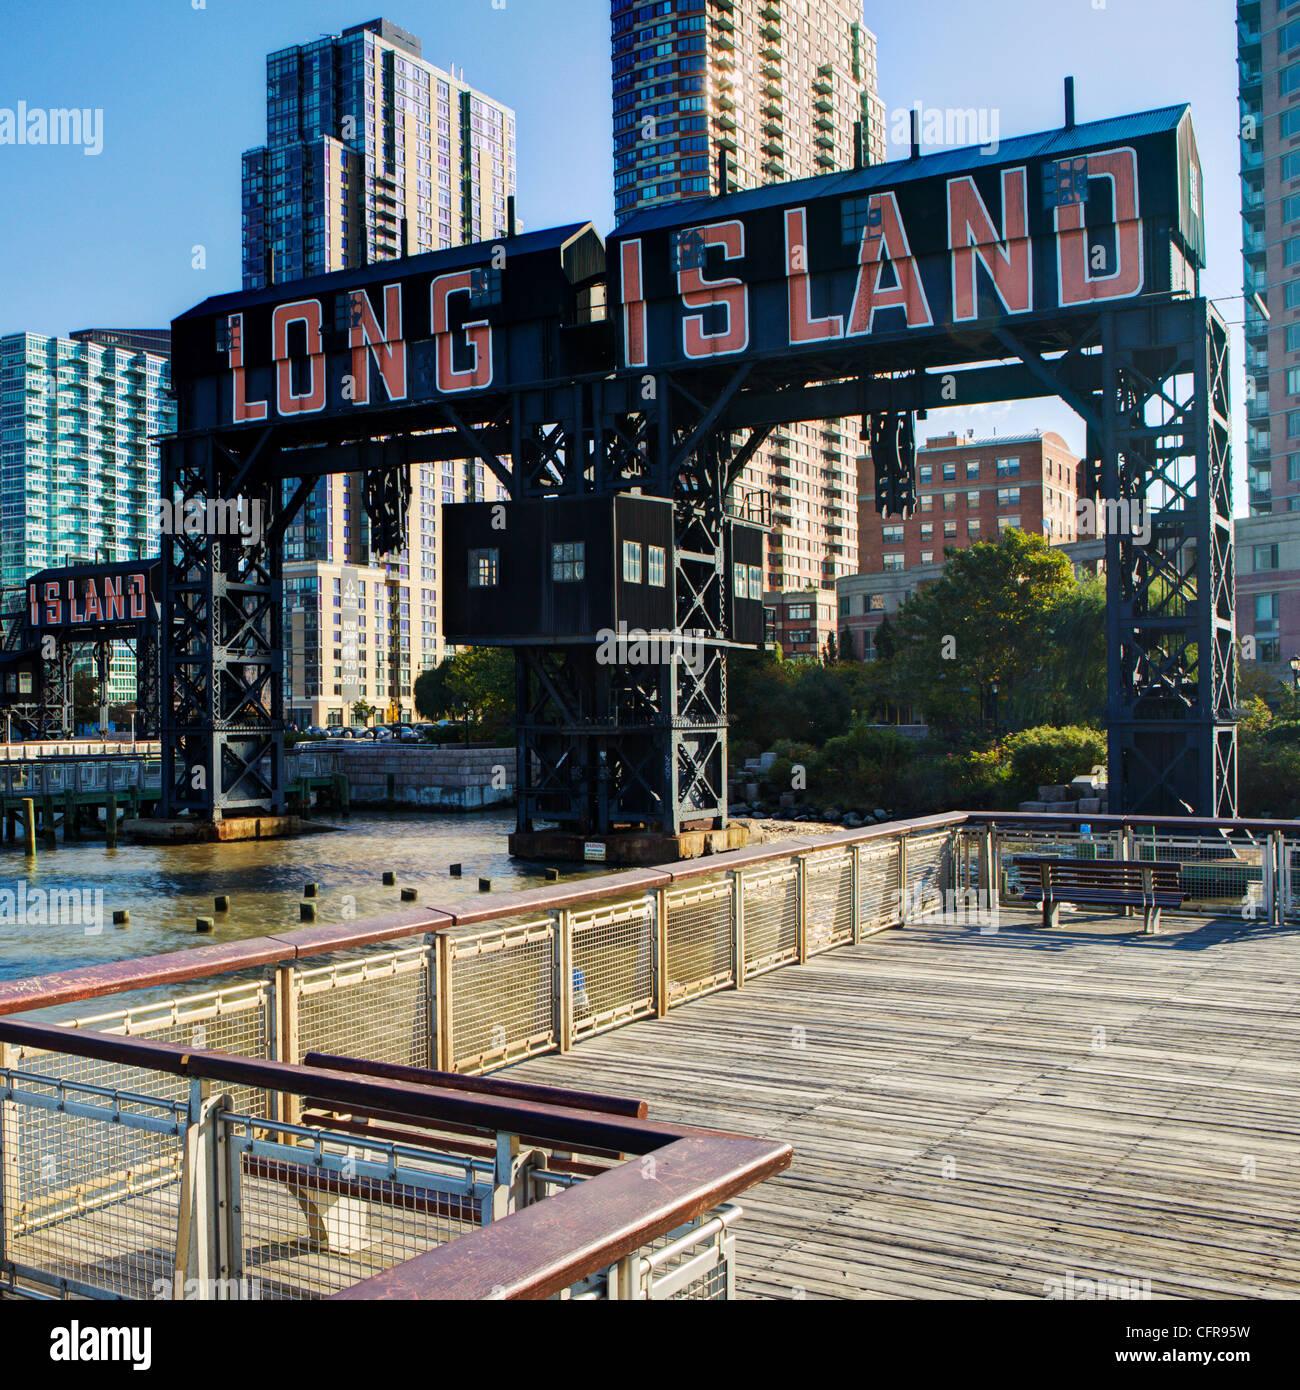 Long Island, Queens, New York City, New York, États-Unis d'Amérique, Amérique du Nord Banque D'Images